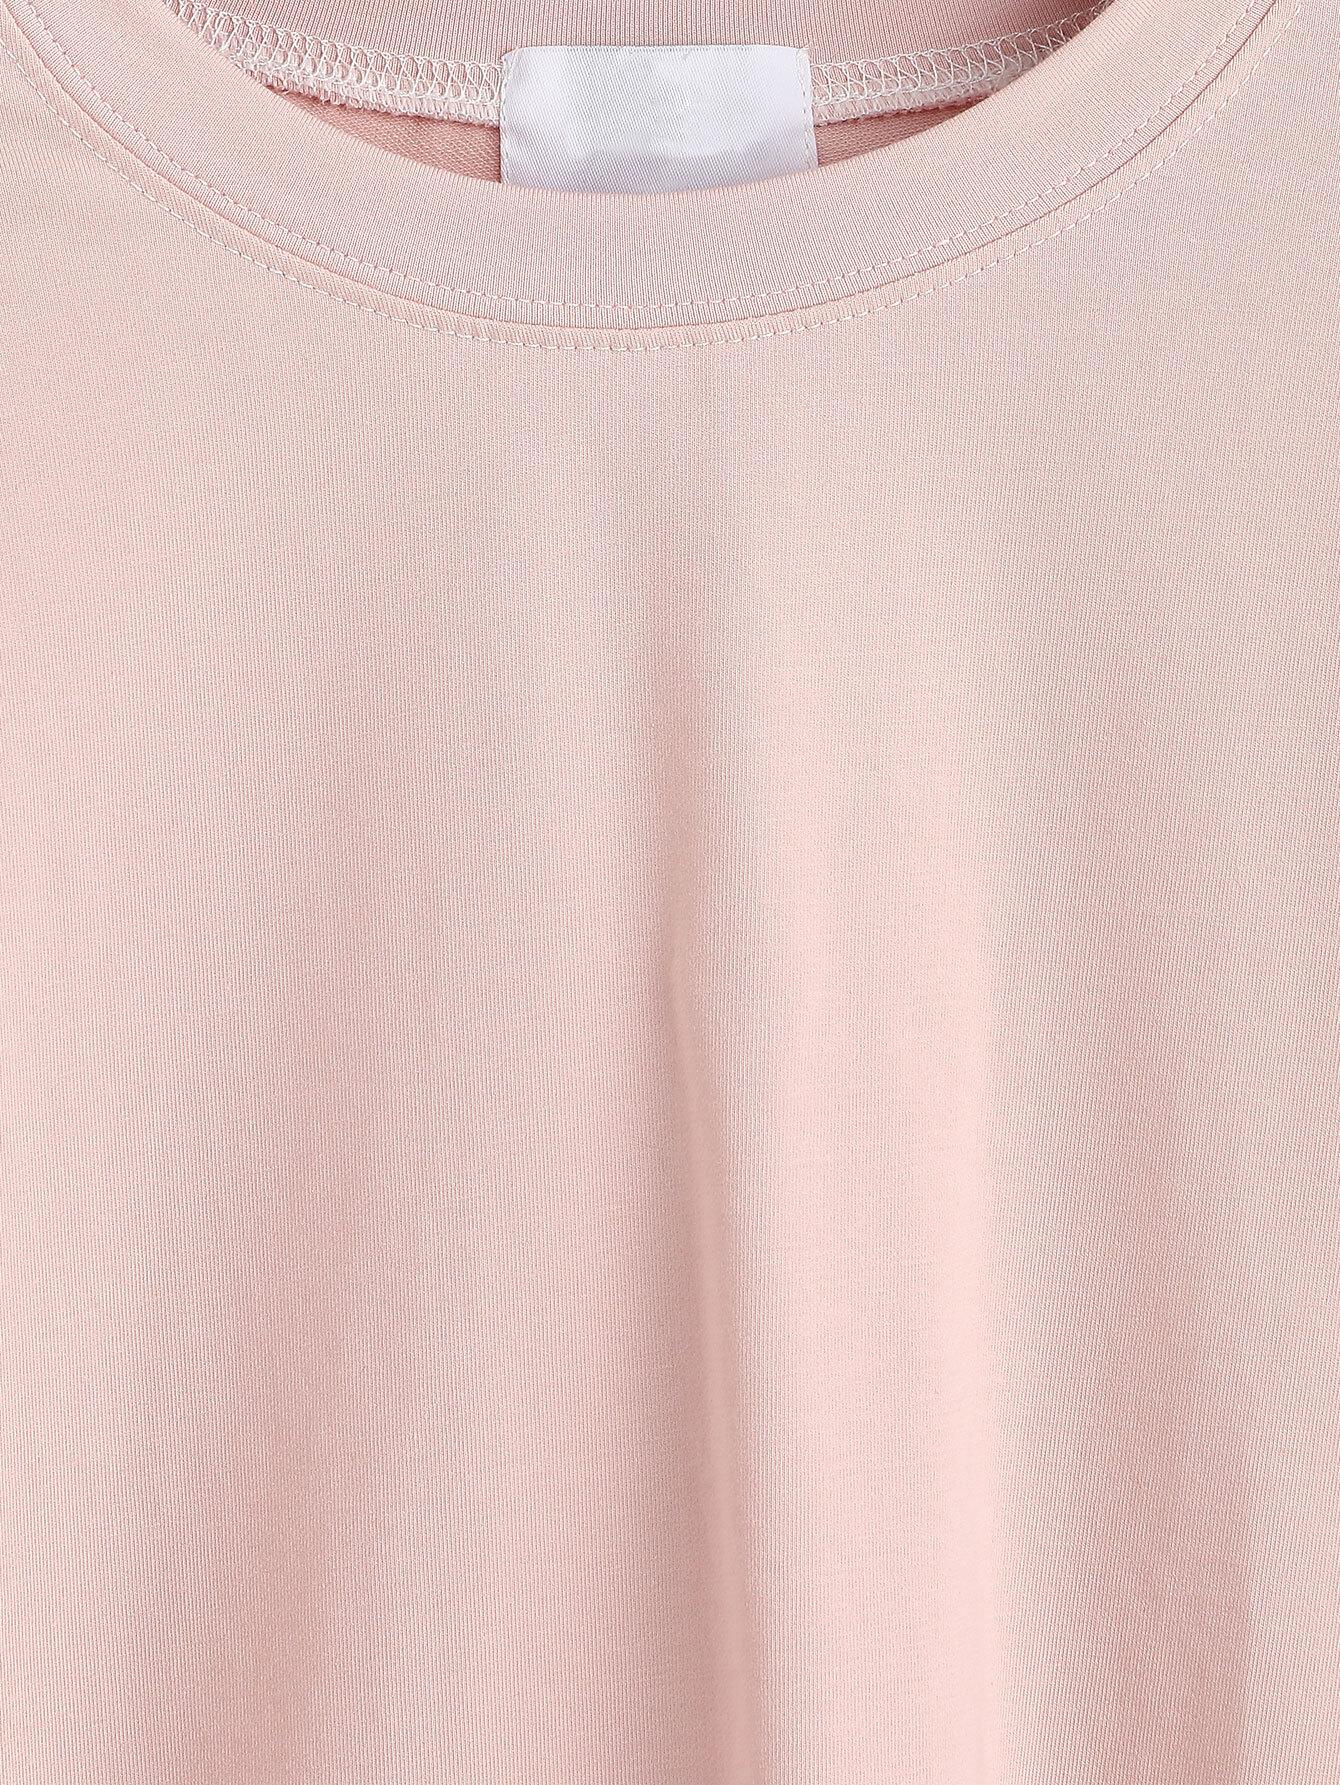 sweatshirt160815021_2